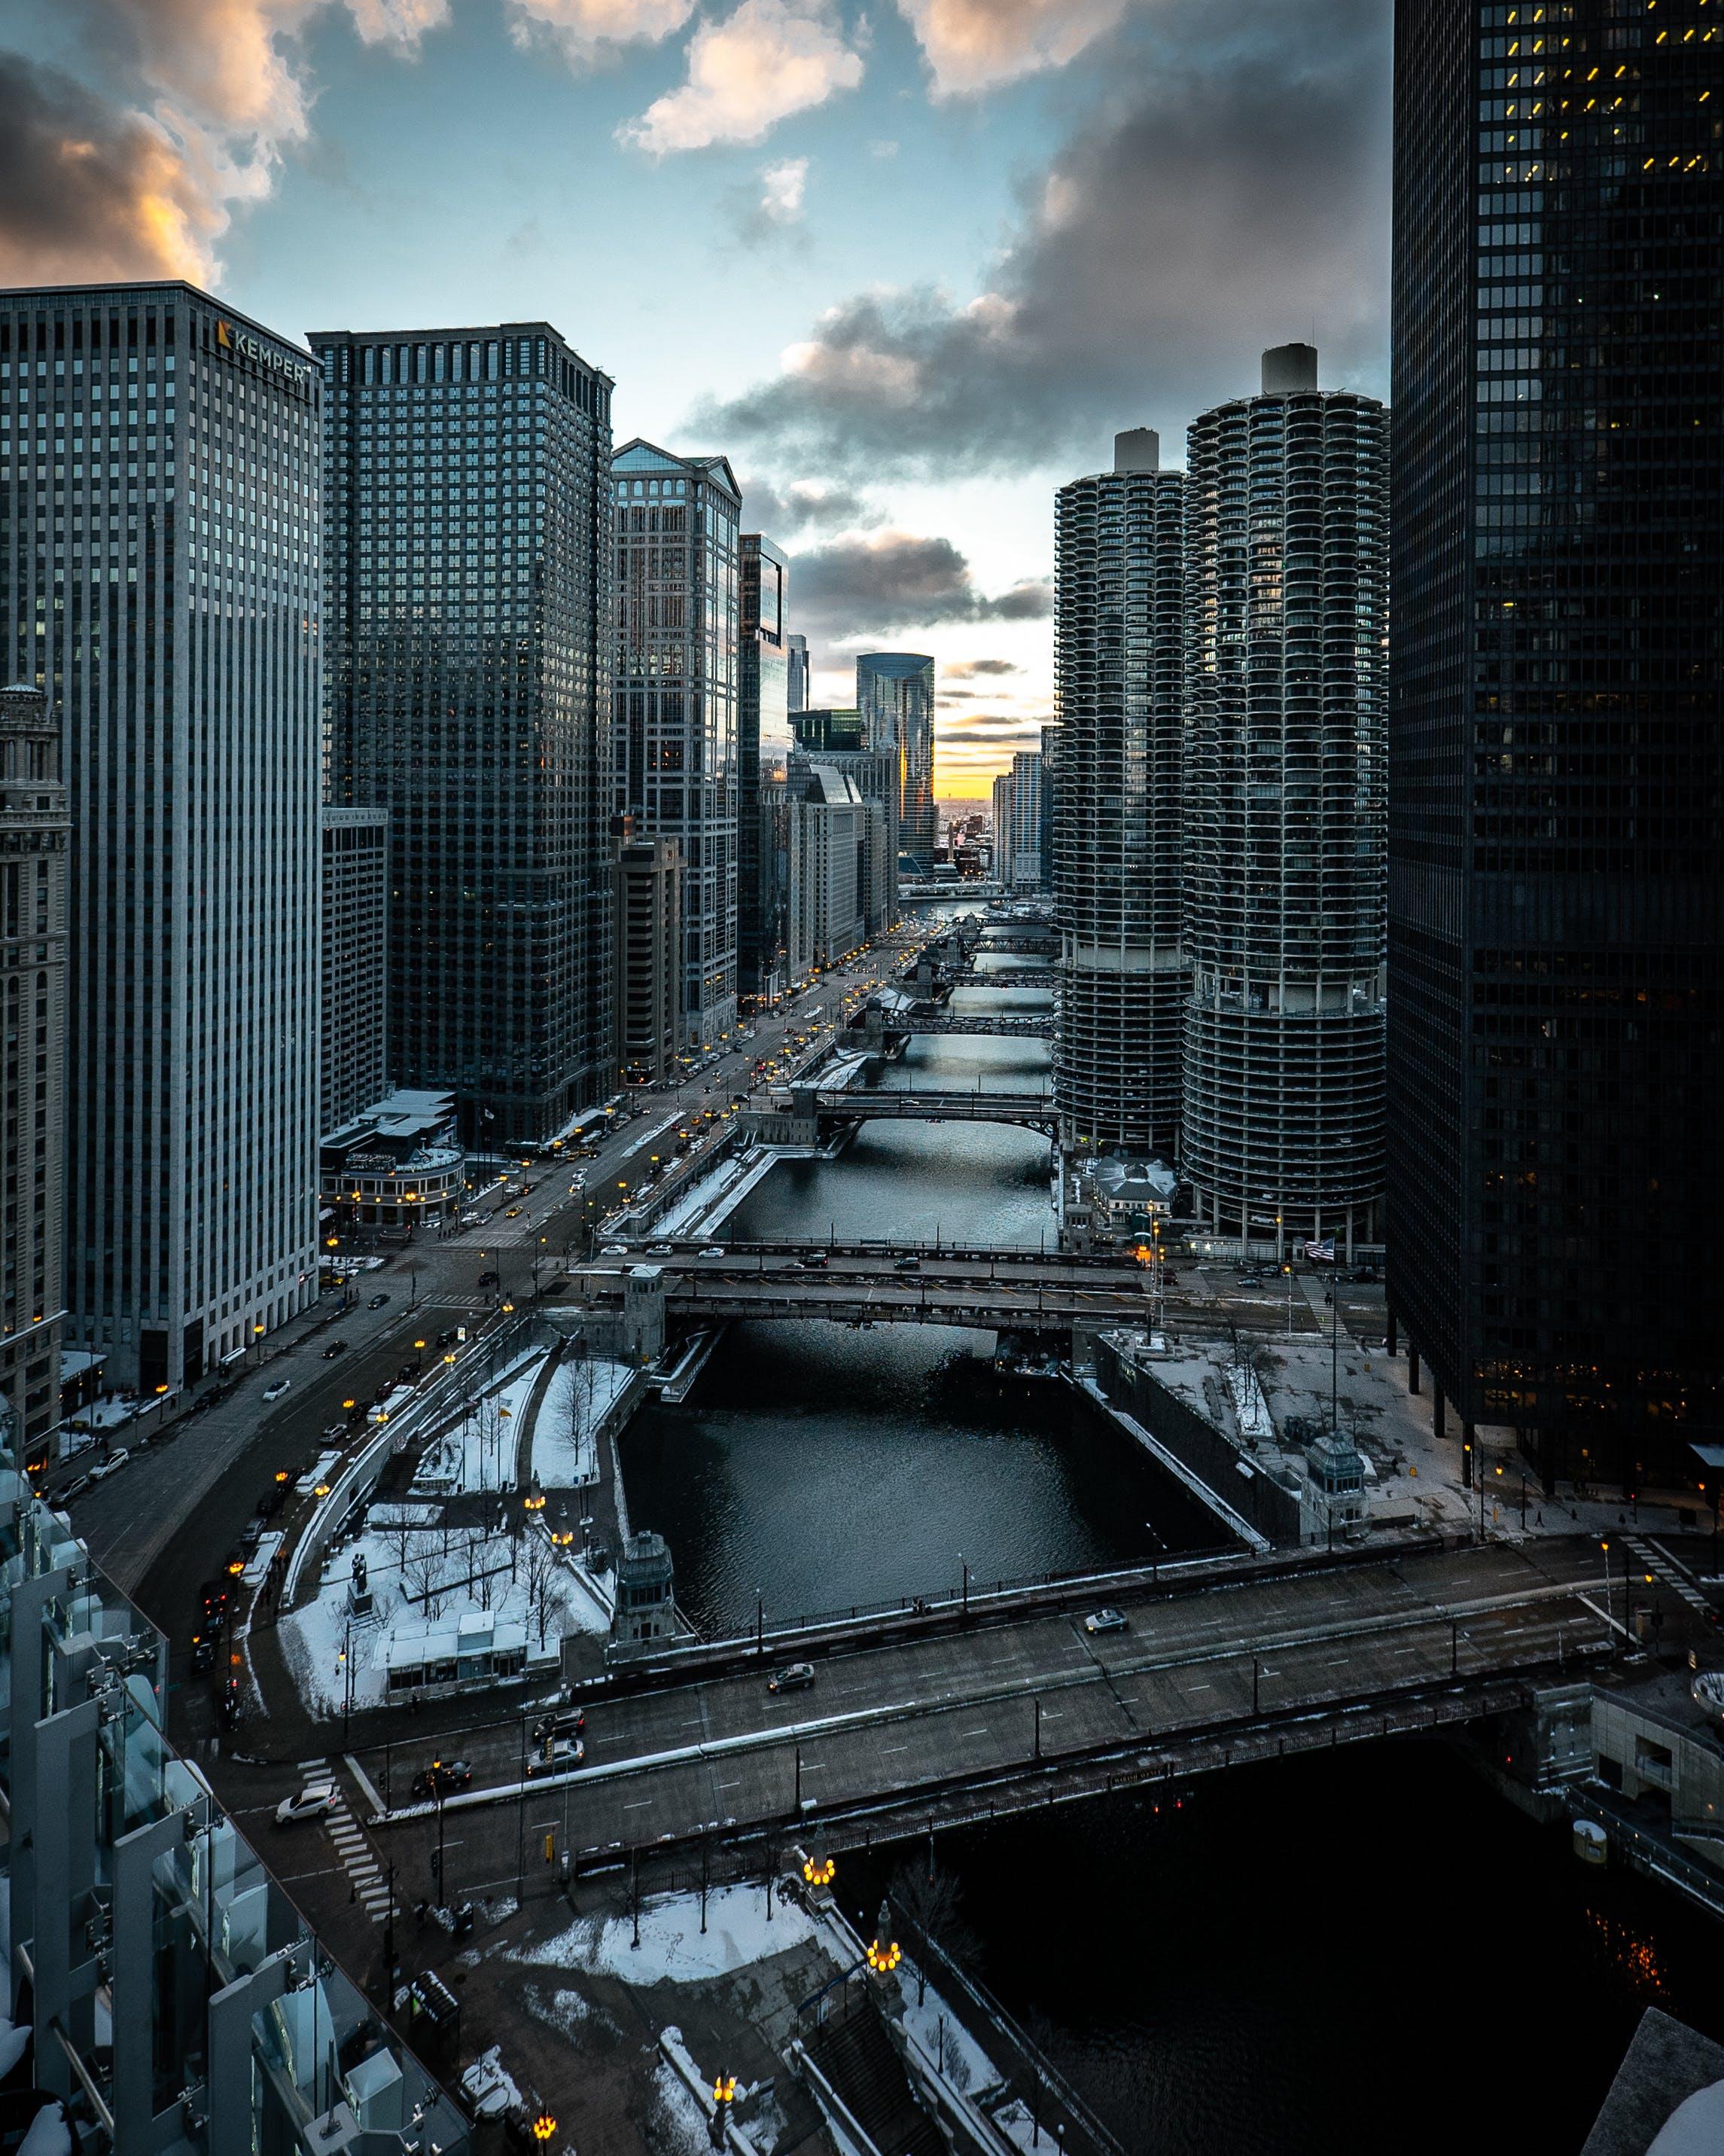 Δωρεάν στοκ φωτογραφιών με απόγευμα, αρχιτεκτονική, αστική άποψη, αστική σκηνή